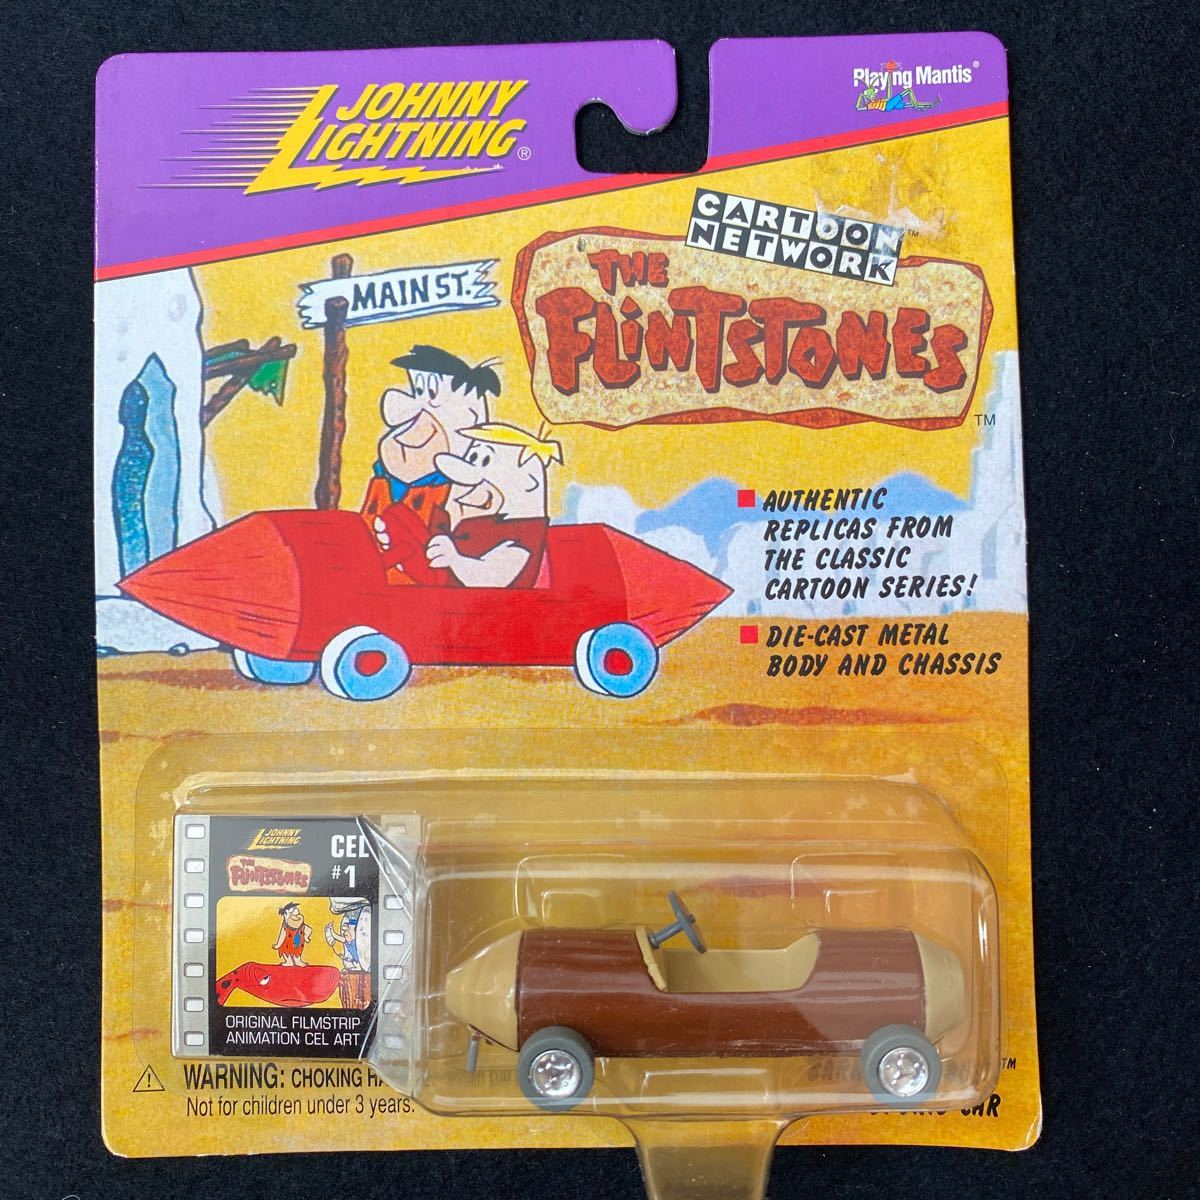 ジョニー ライトニング Johnny Lightning Cartoon Network Flintstones フリントストーンズ ミニカー アニメ カートゥーン アメリカ 漫画_画像1